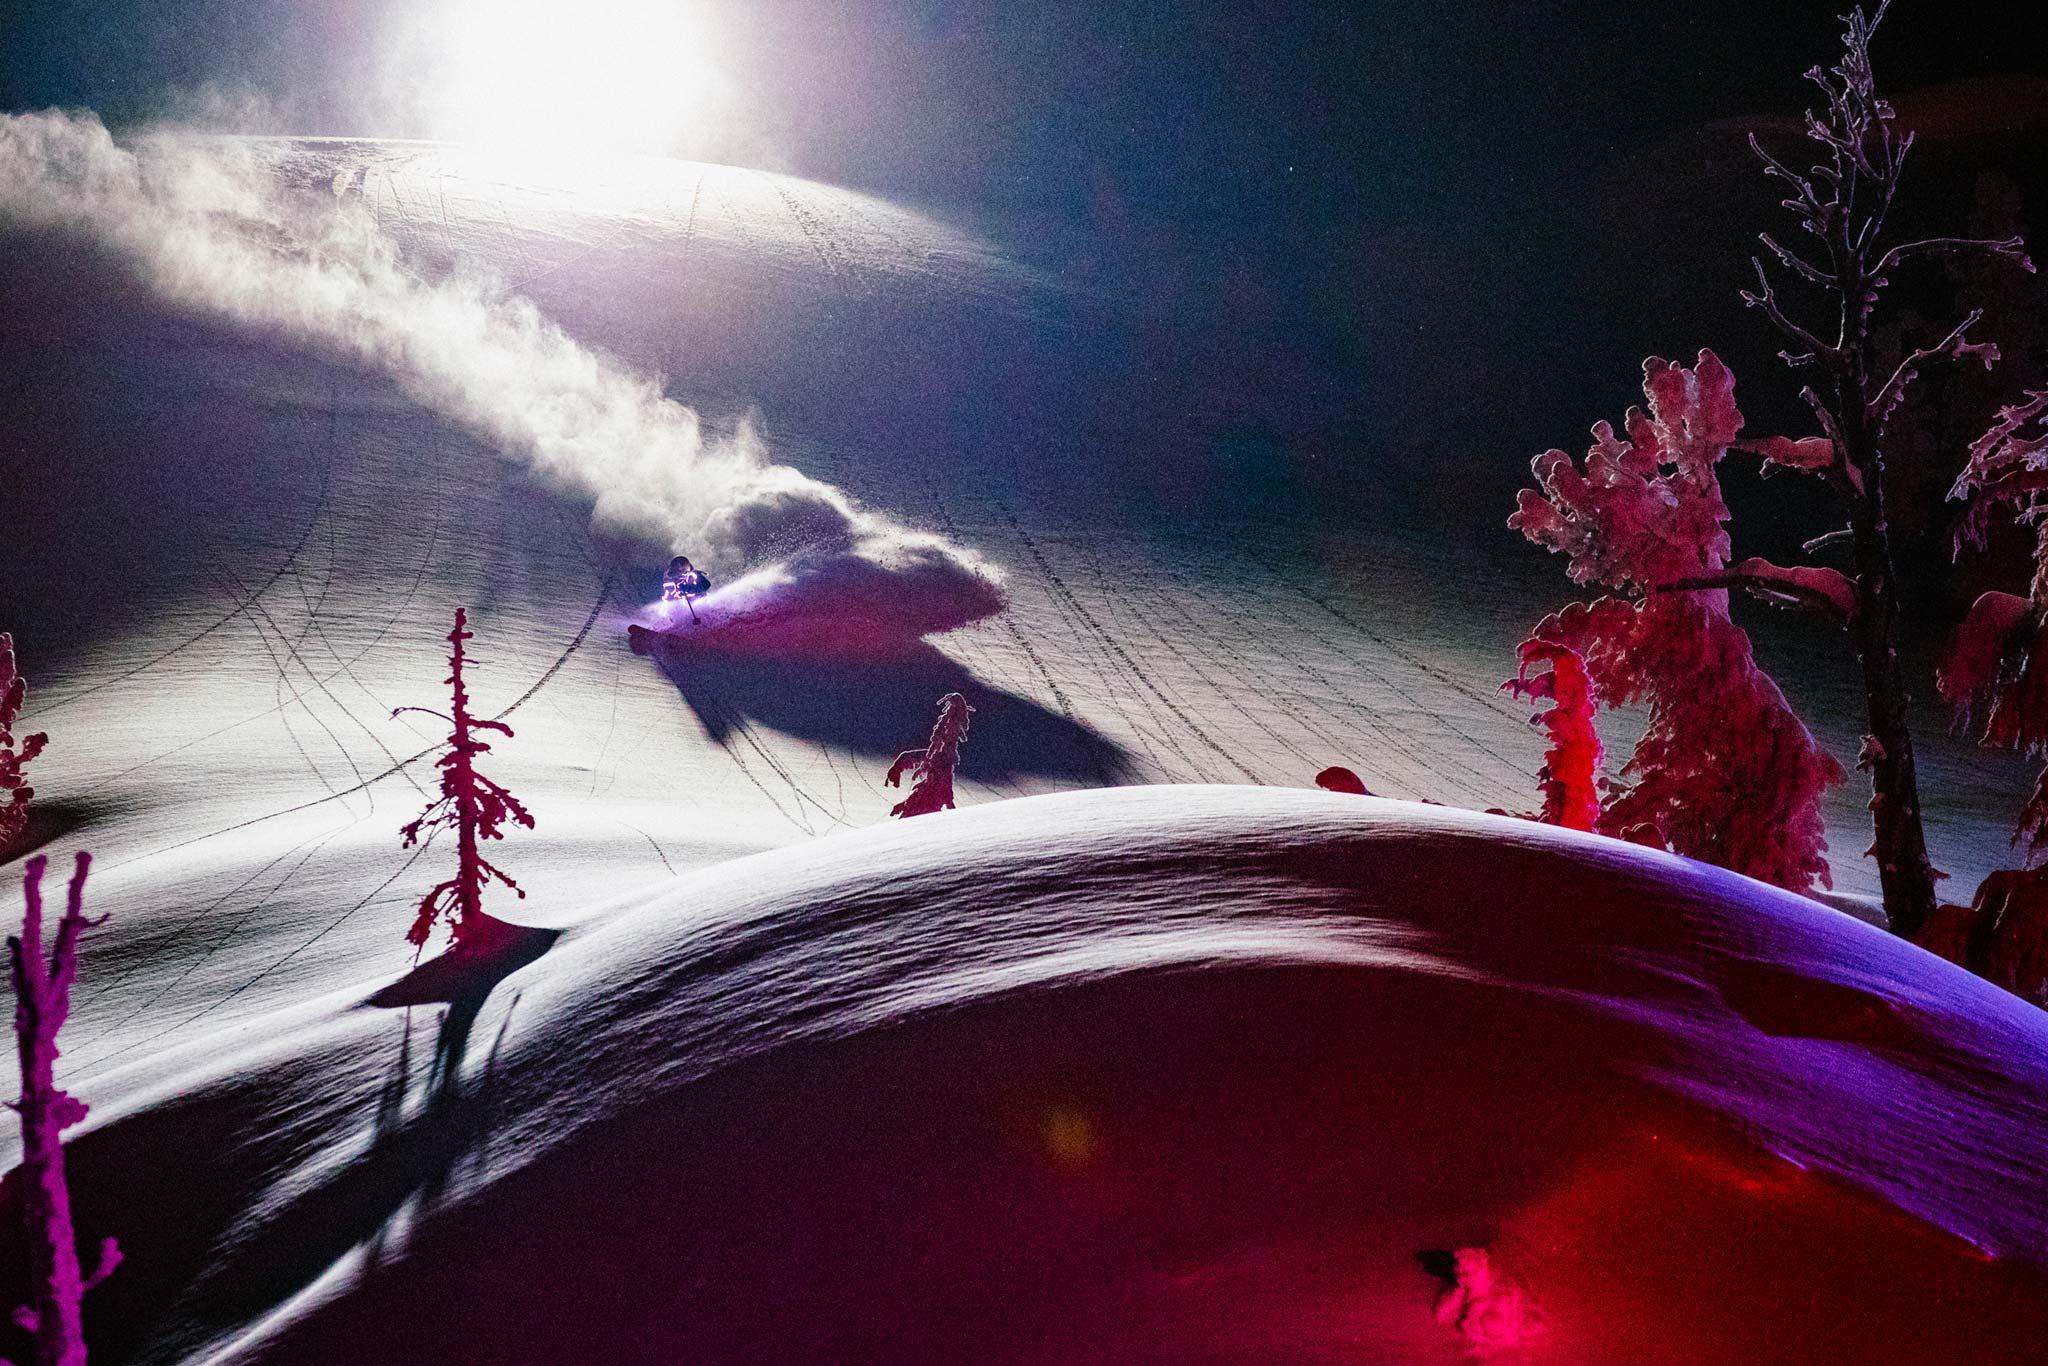 Rider: Chris Benchetler - Foto: Aaron Blatt